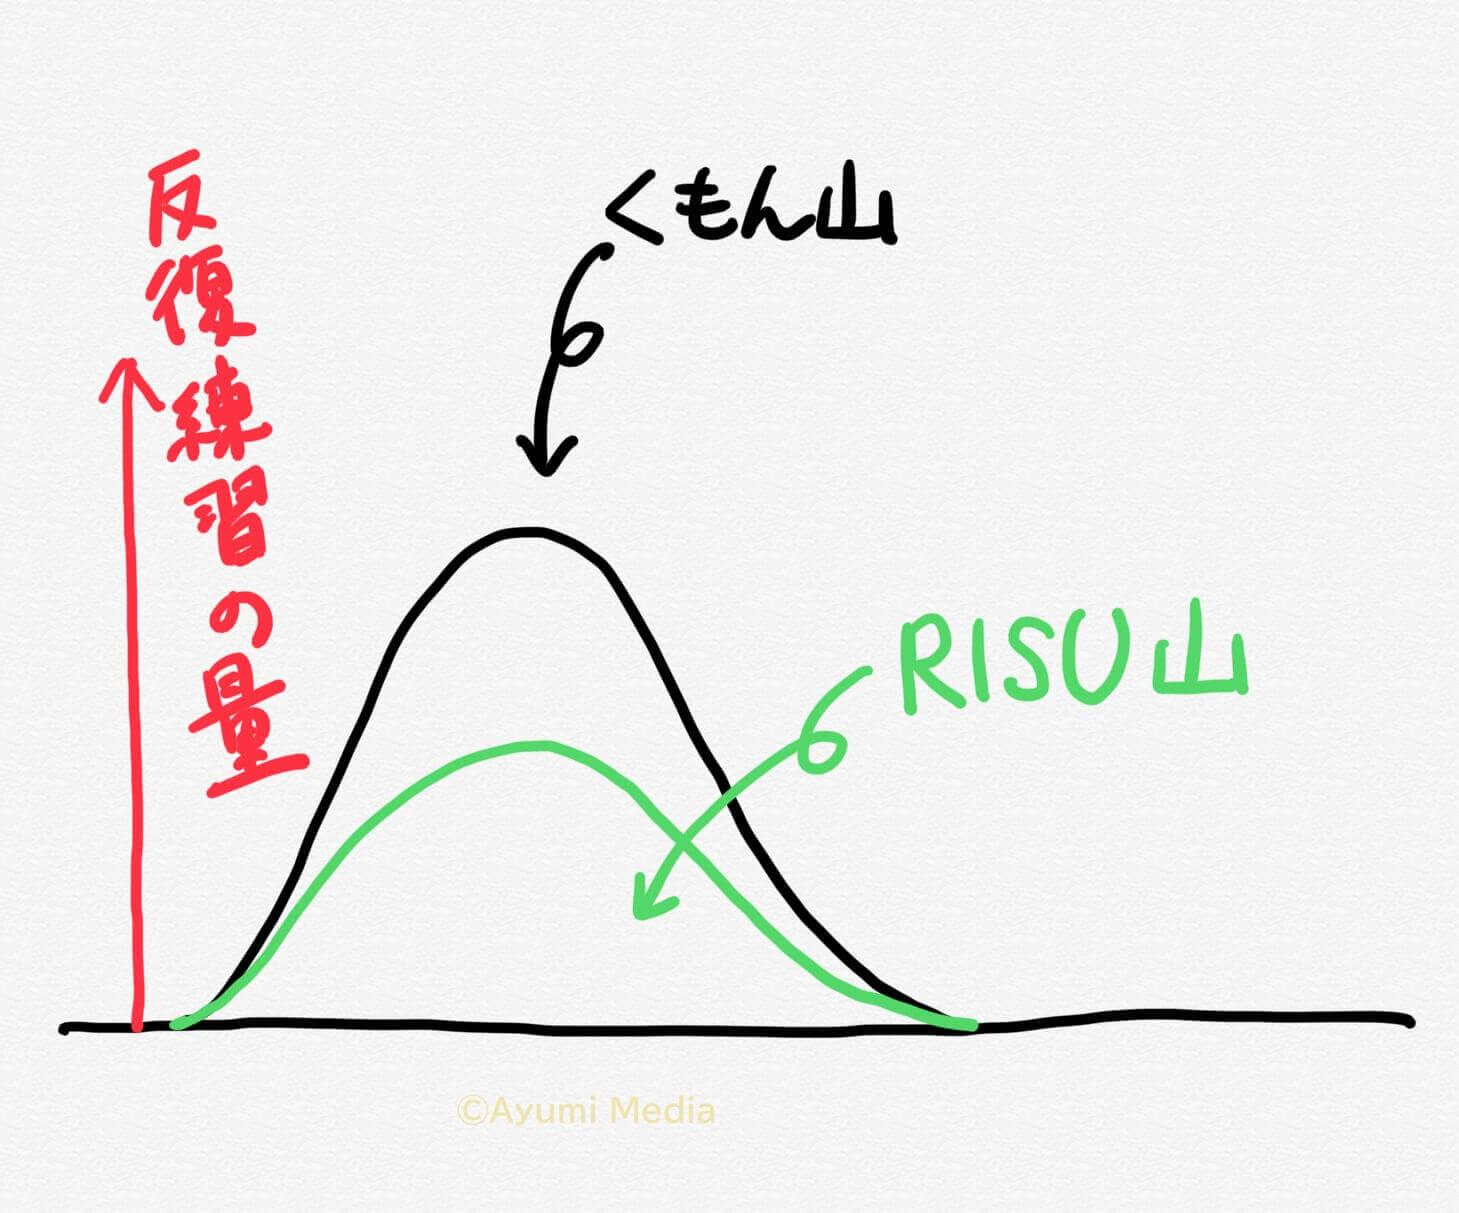 公文とRISU算数の違いのイメージ